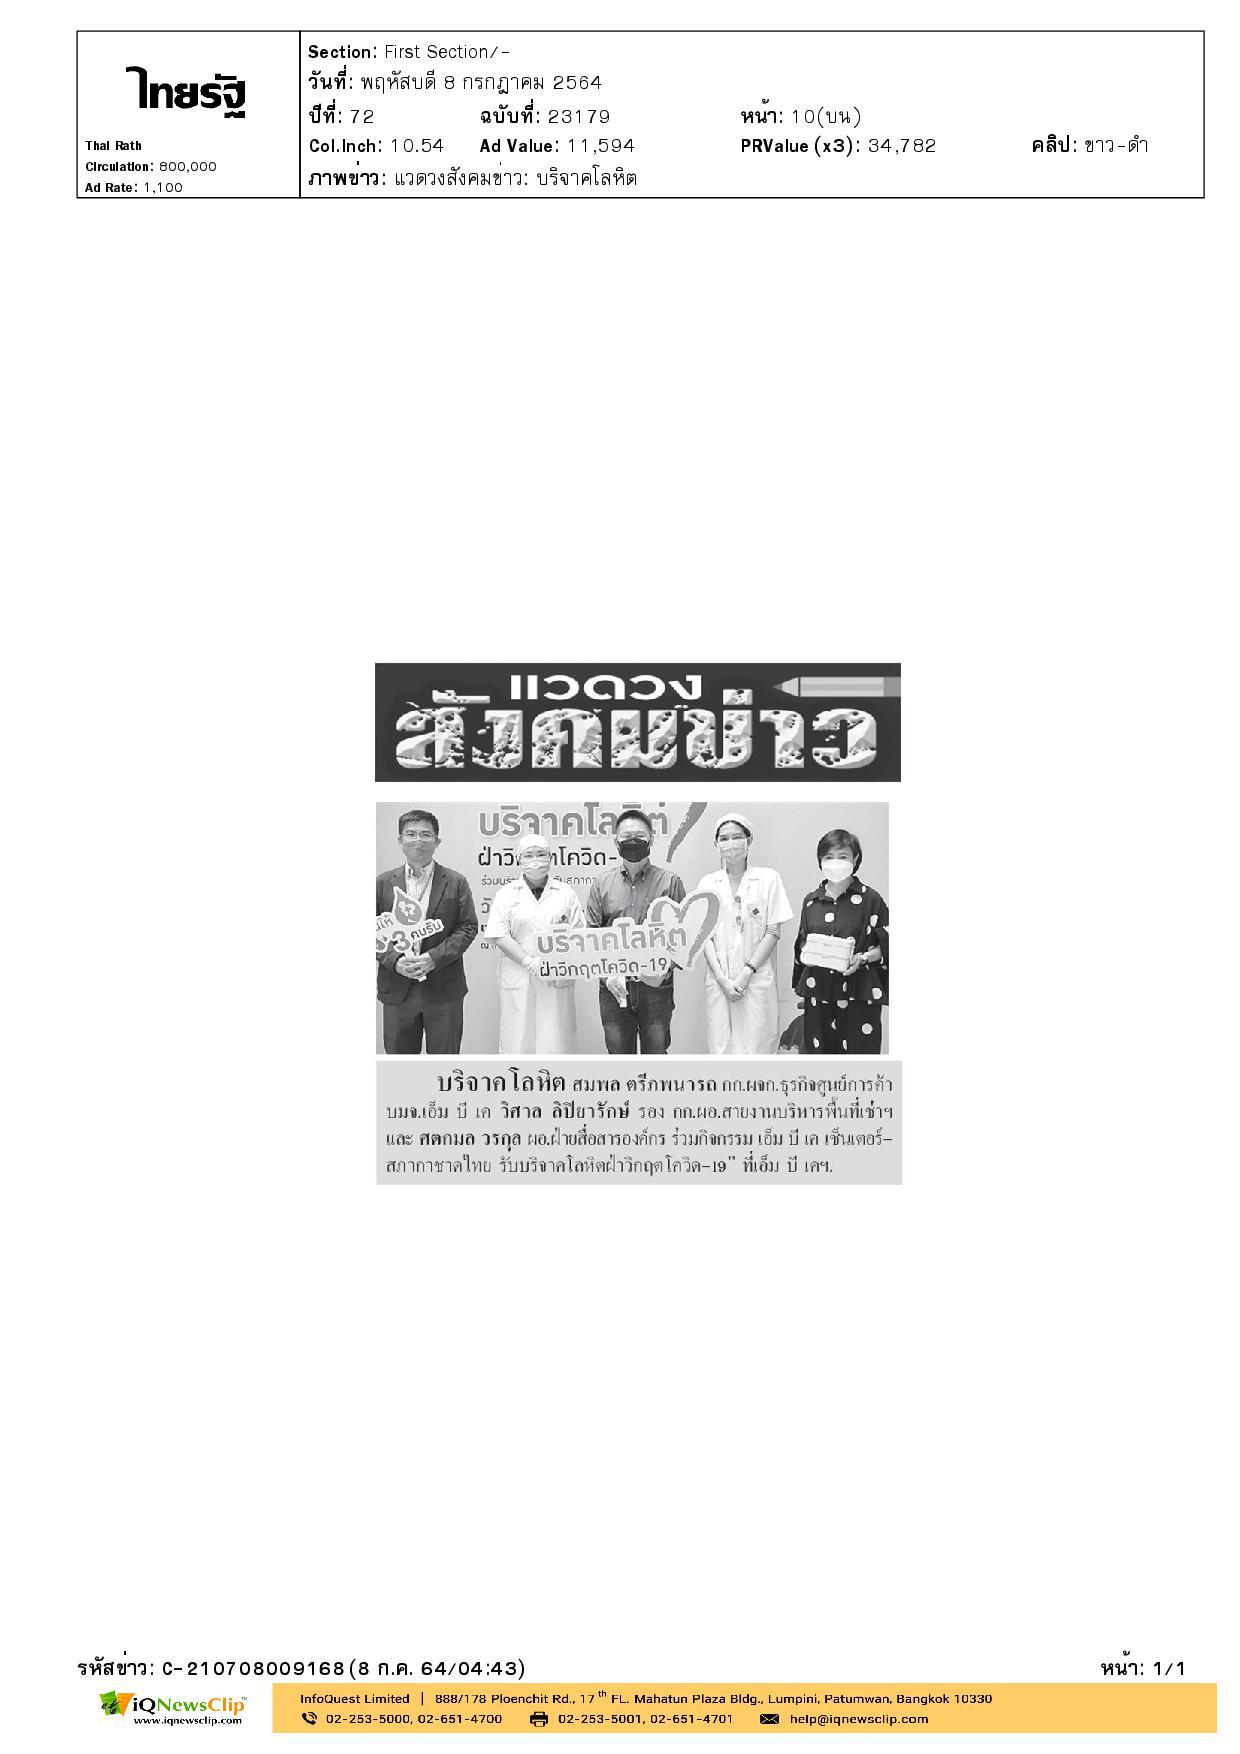 สภากาชาดไทย รับบริจาคโลหิตฝ่าวิกฤตโควิด-19 ที่ เอ็ม บี เค